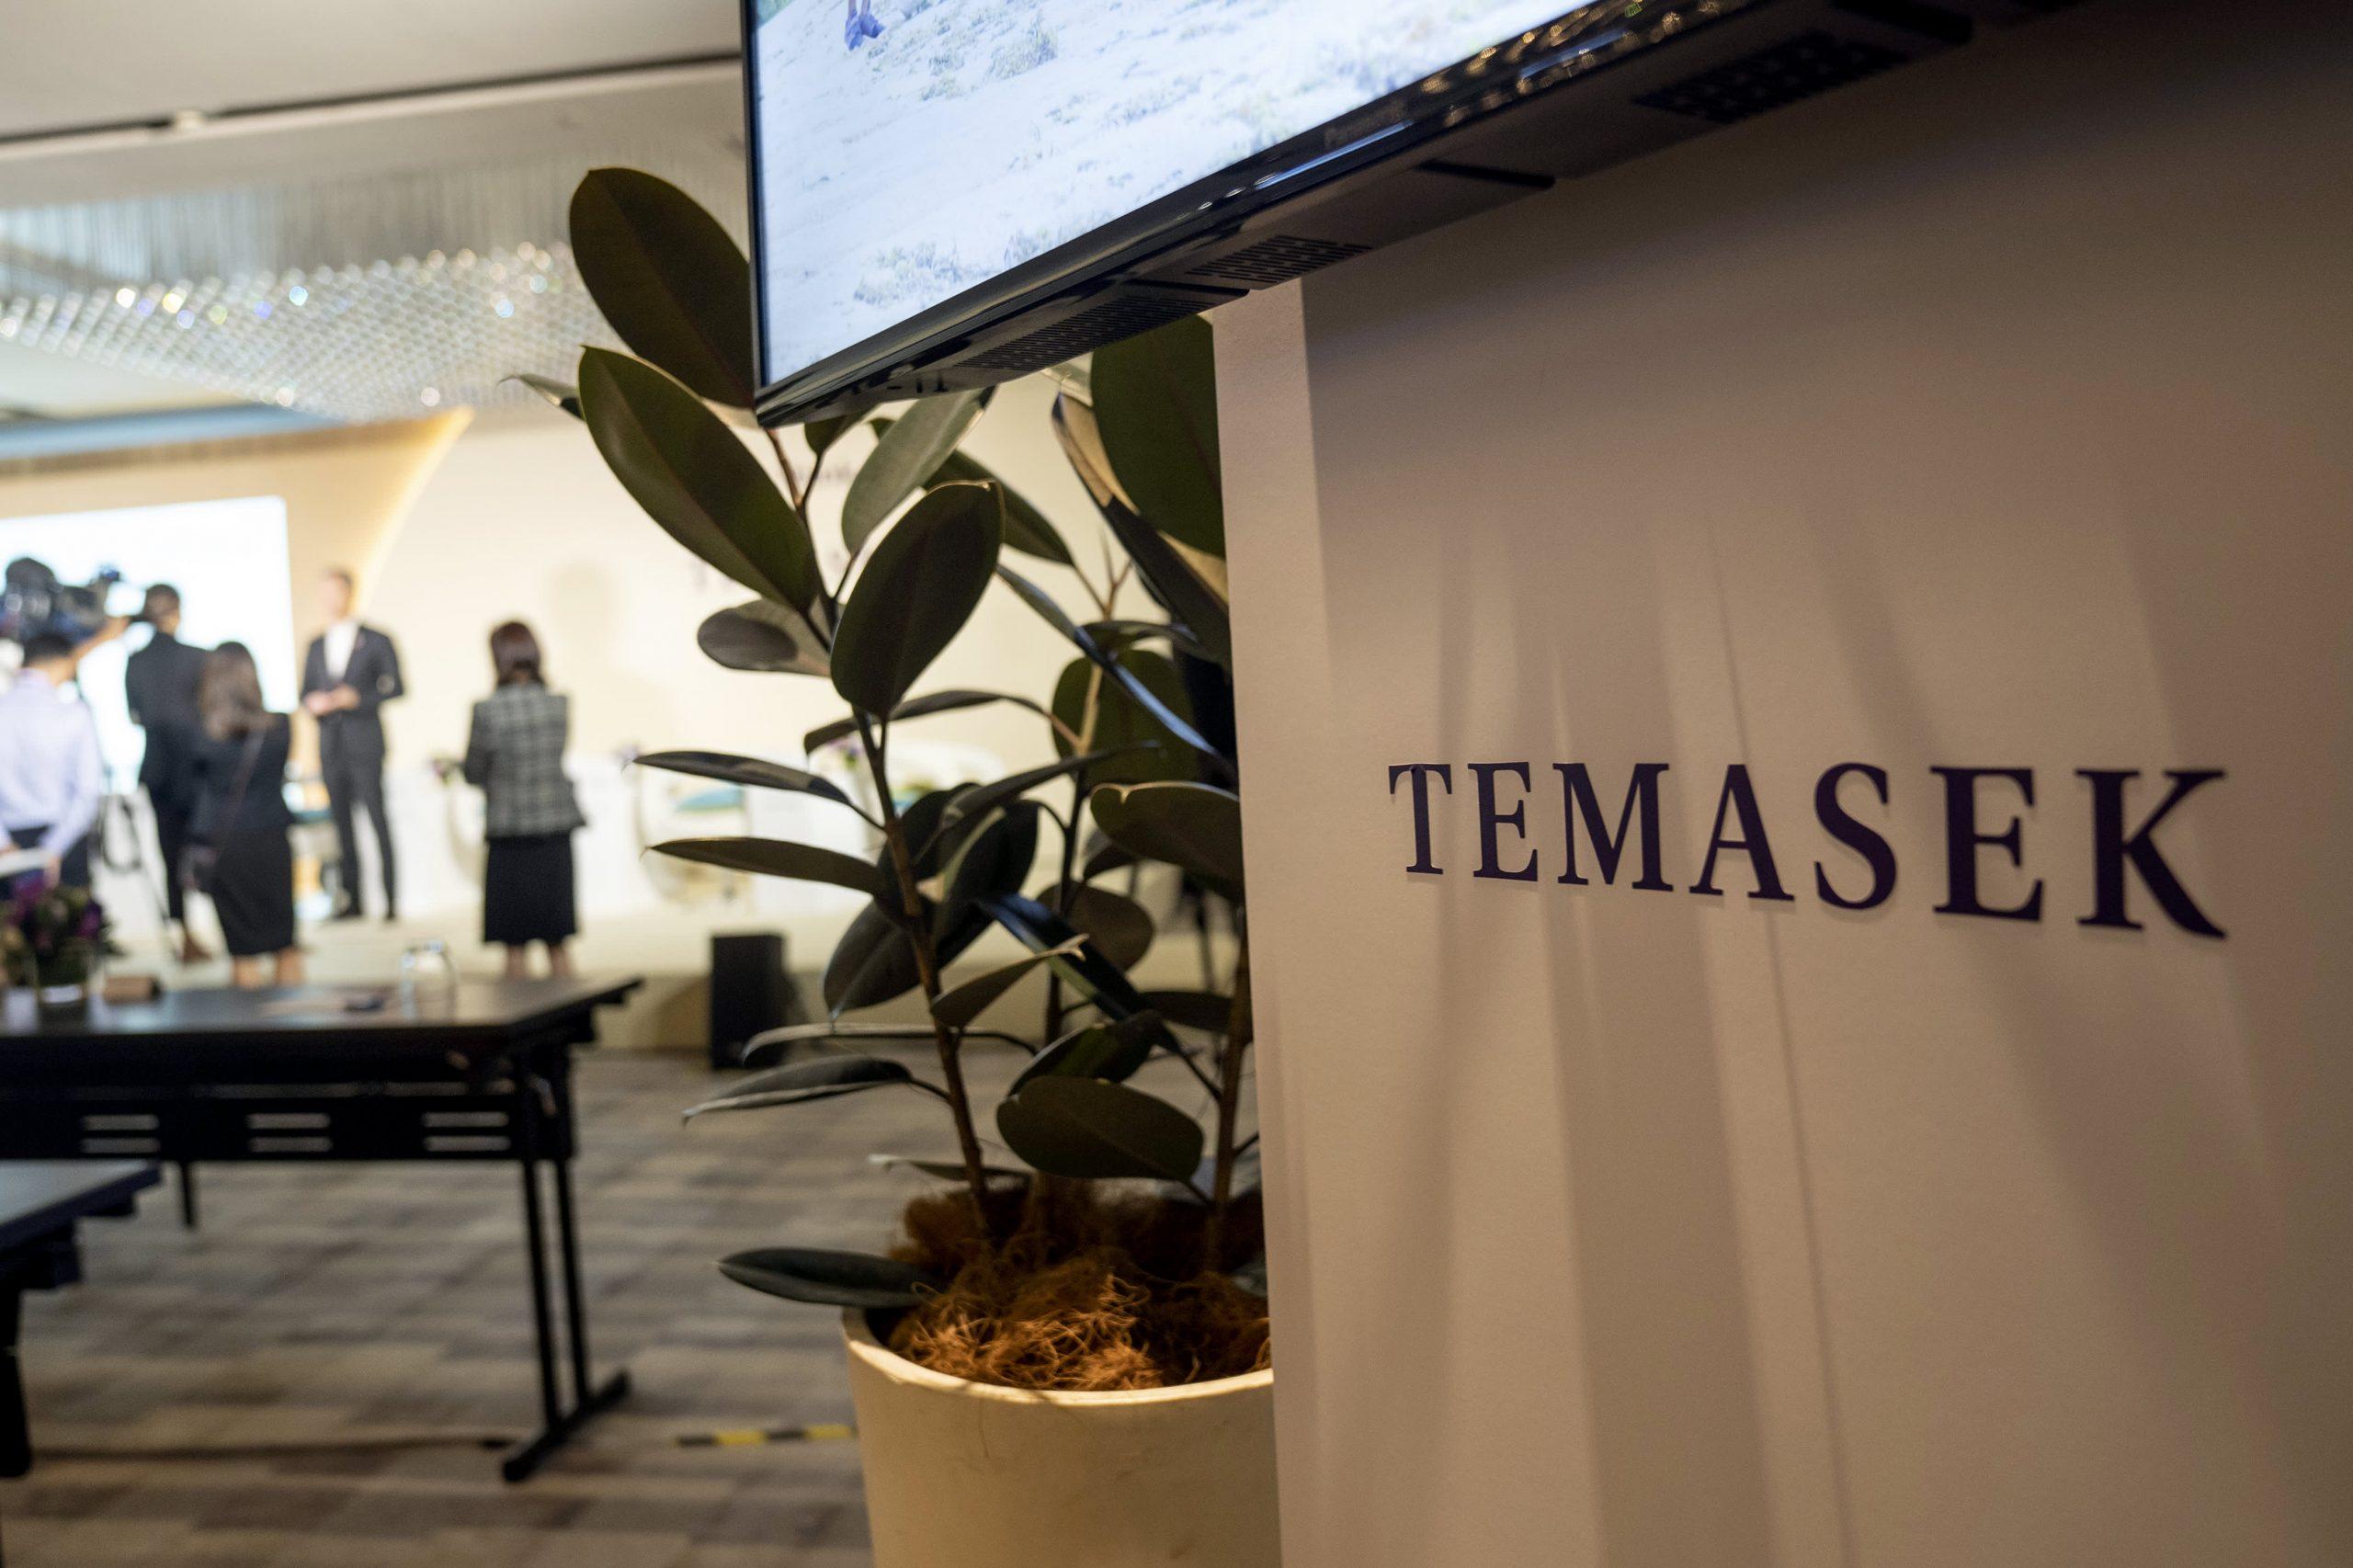 El inversor estatal de Singapur, Temasek, reporta un valor récord de cartera de $ 283 mil millones